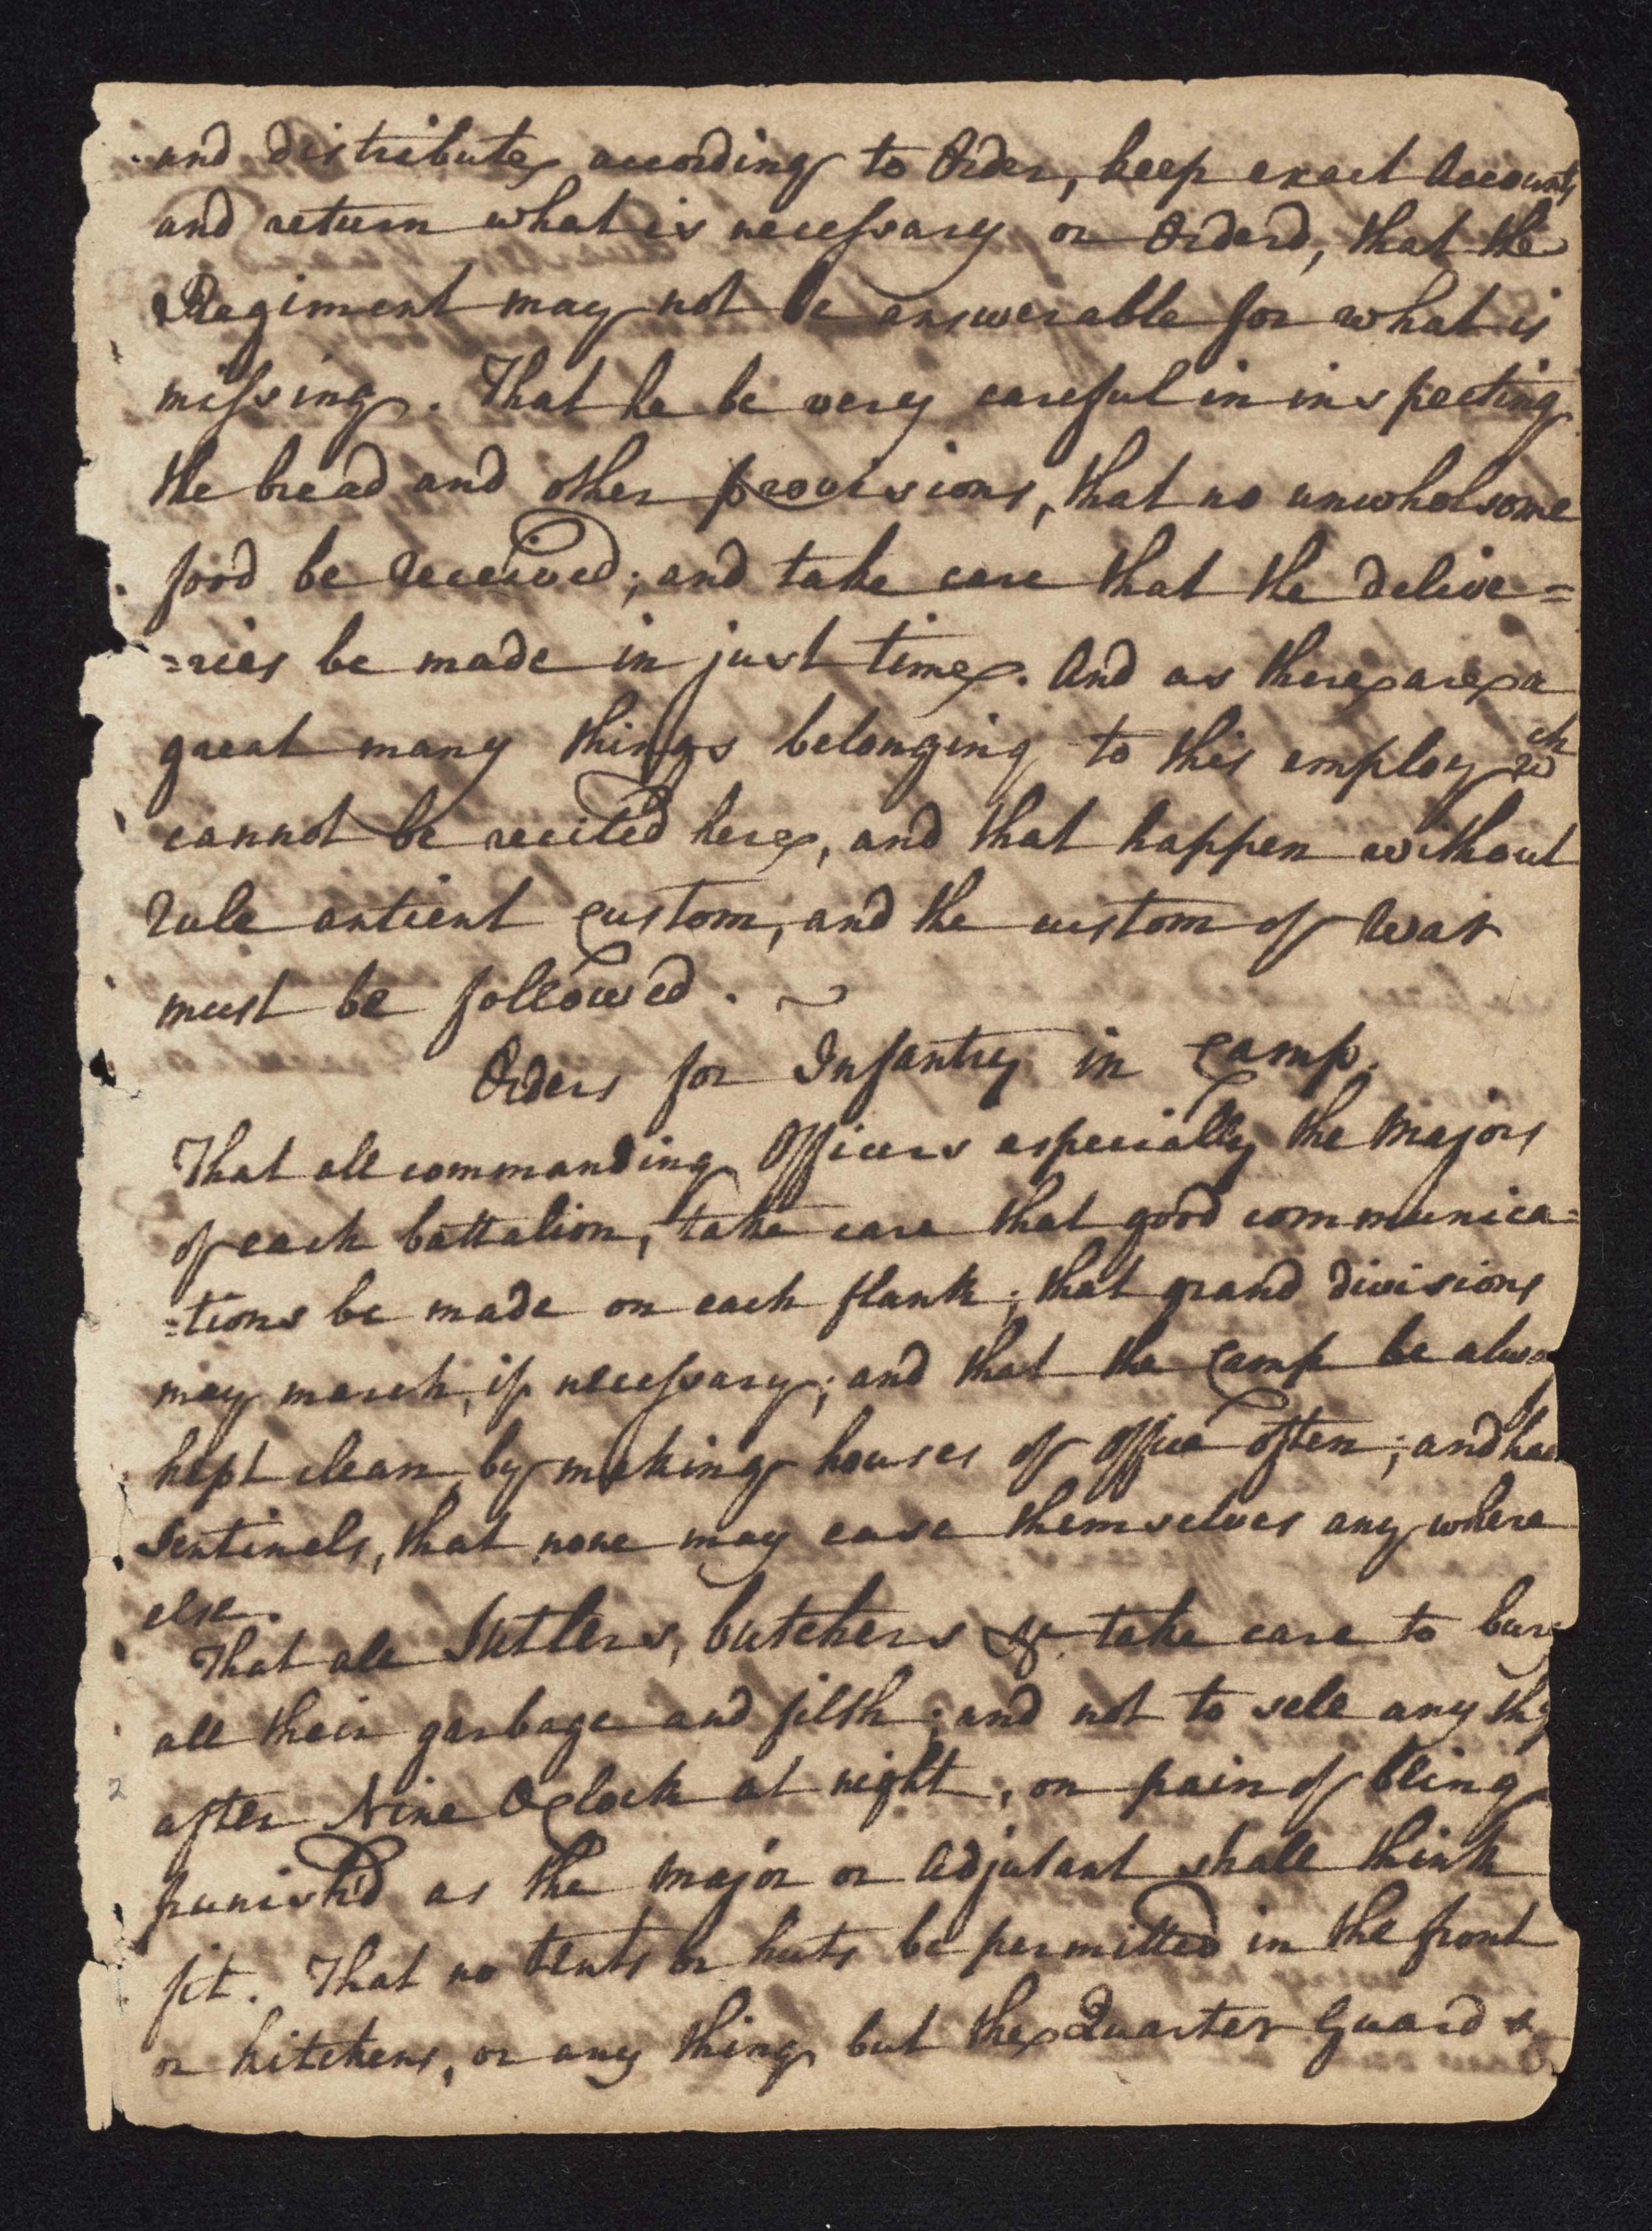 South Carolina Regiment Order Book, Page 3